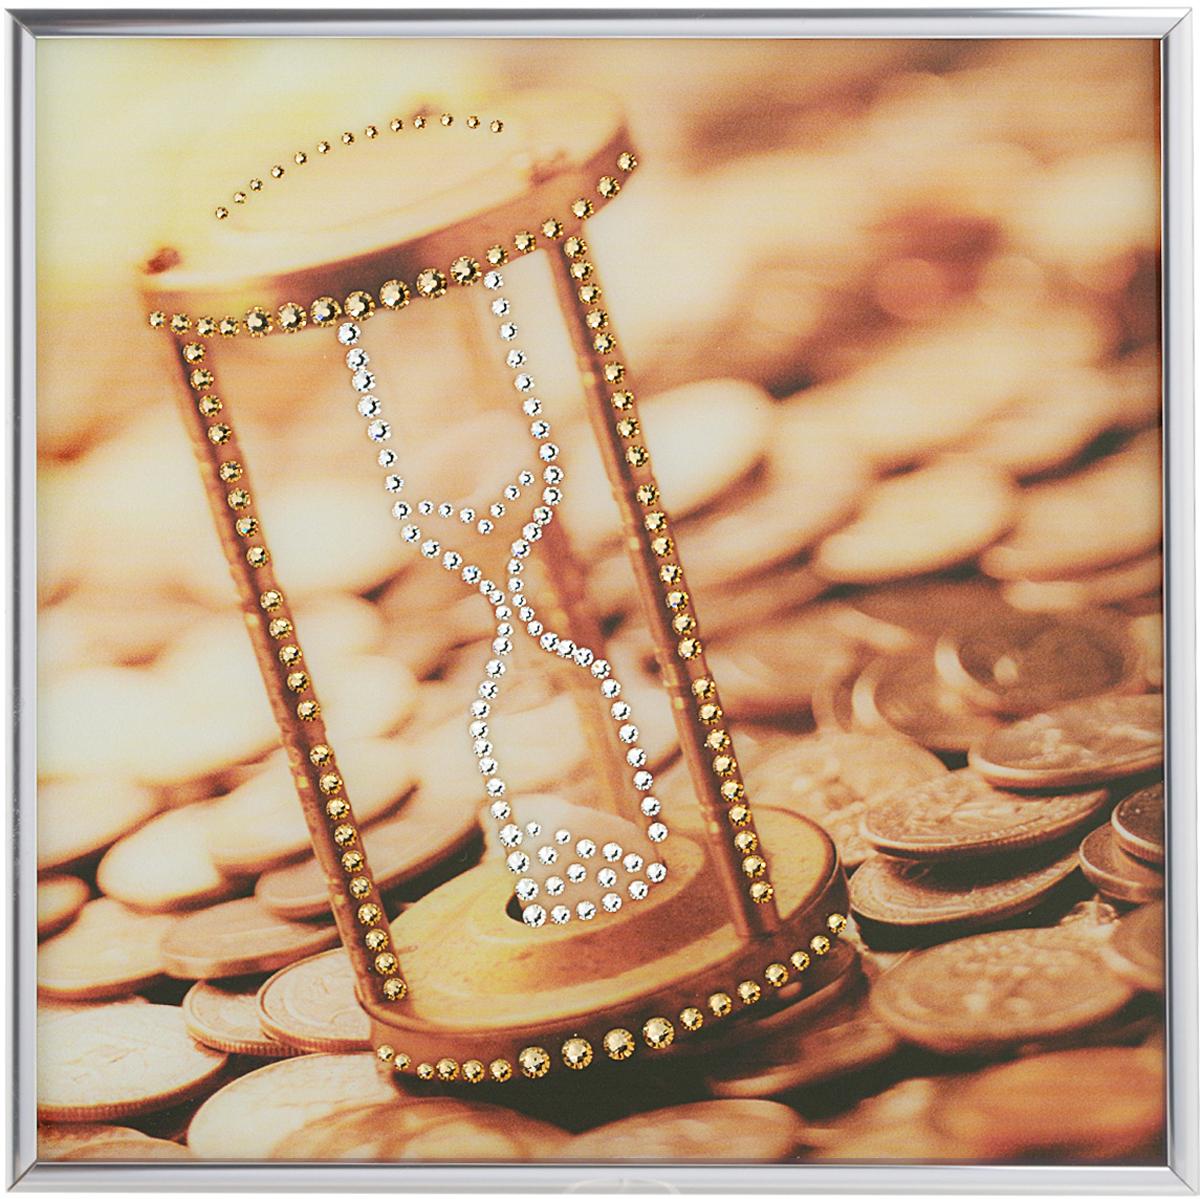 Картина с кристаллами Swarovski Время деньги, 25 х 25 см1395Изящная картина в металлической раме, инкрустирована кристаллами Swarovski, которые отличаются четкой и ровной огранкой, ярким блеском и чистотой цвета. Красочное изображение песочных часов и монет, расположенное под стеклом, прекрасно дополняет блеск кристаллов. С обратной стороны имеется металлическая петелька для размещения картины на стене. Картина с кристаллами Swarovski Время деньги элегантно украсит интерьер дома или офиса, а также станет прекрасным подарком, который обязательно понравится получателю. Блеск кристаллов в интерьере, что может быть сказочнее и удивительнее.Картина упакована в подарочную картонную коробку синего цвета и комплектуется сертификатом соответствия Swarovski.